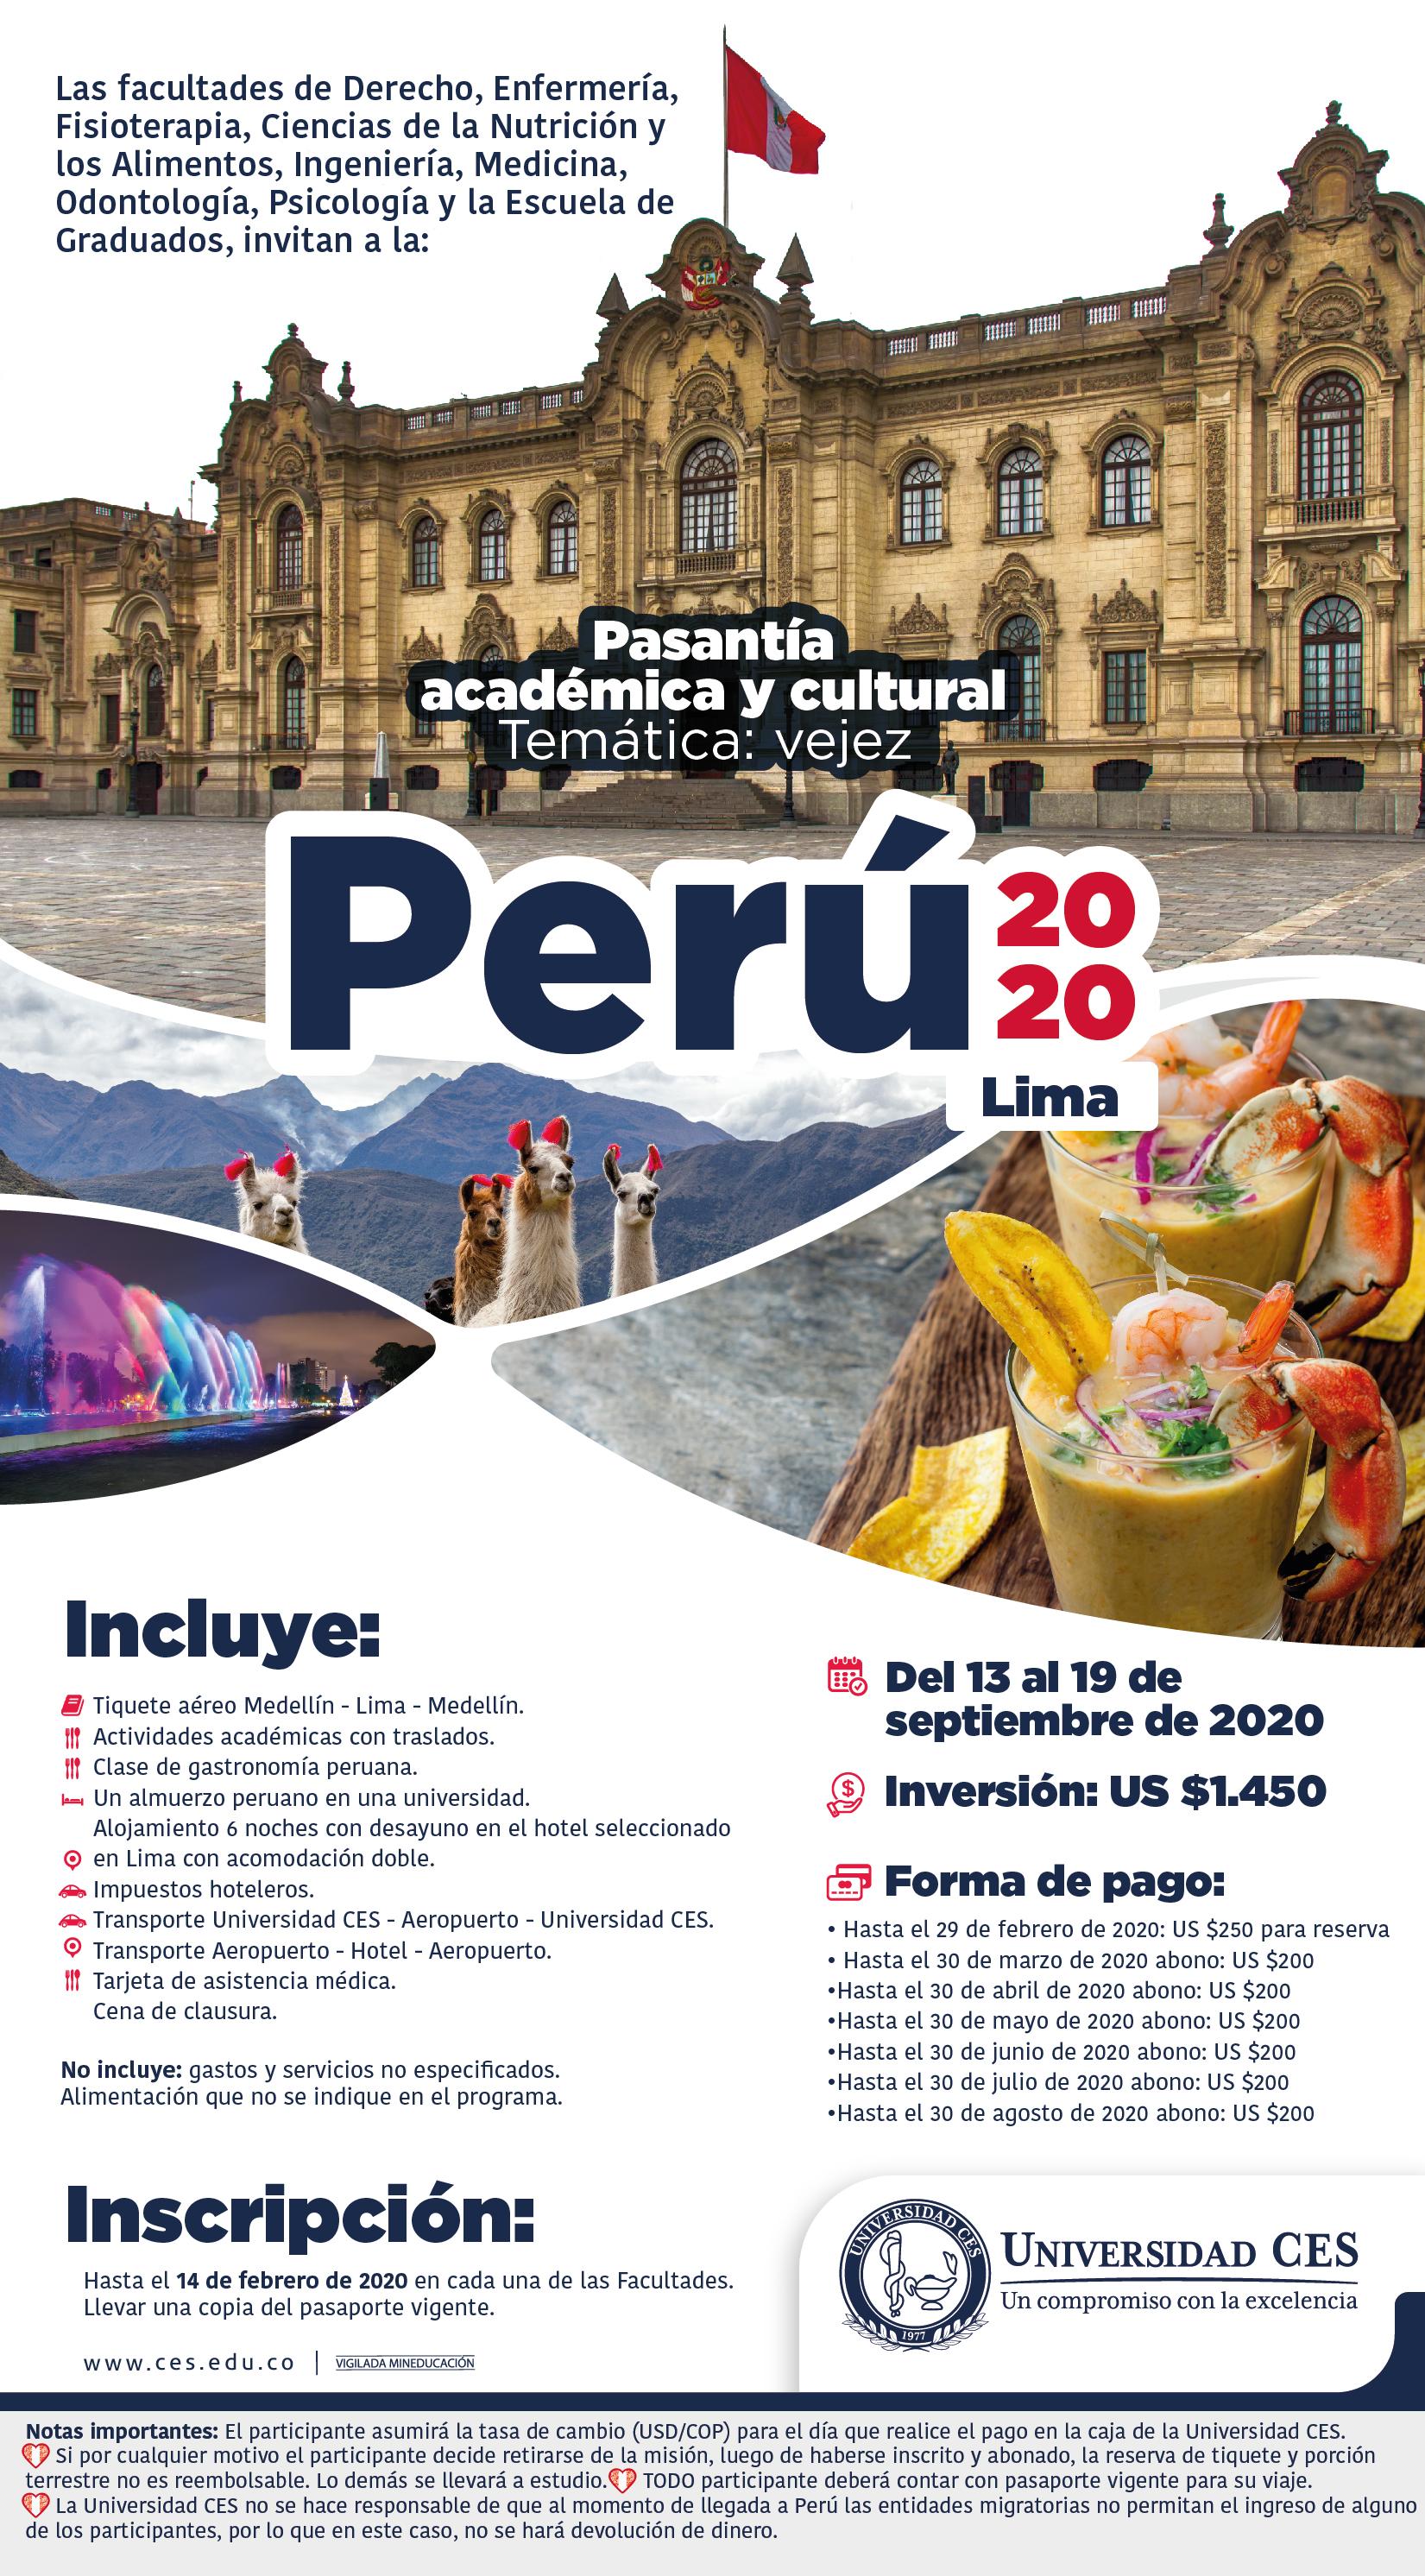 imagen publicitaria Misión Perú 2020